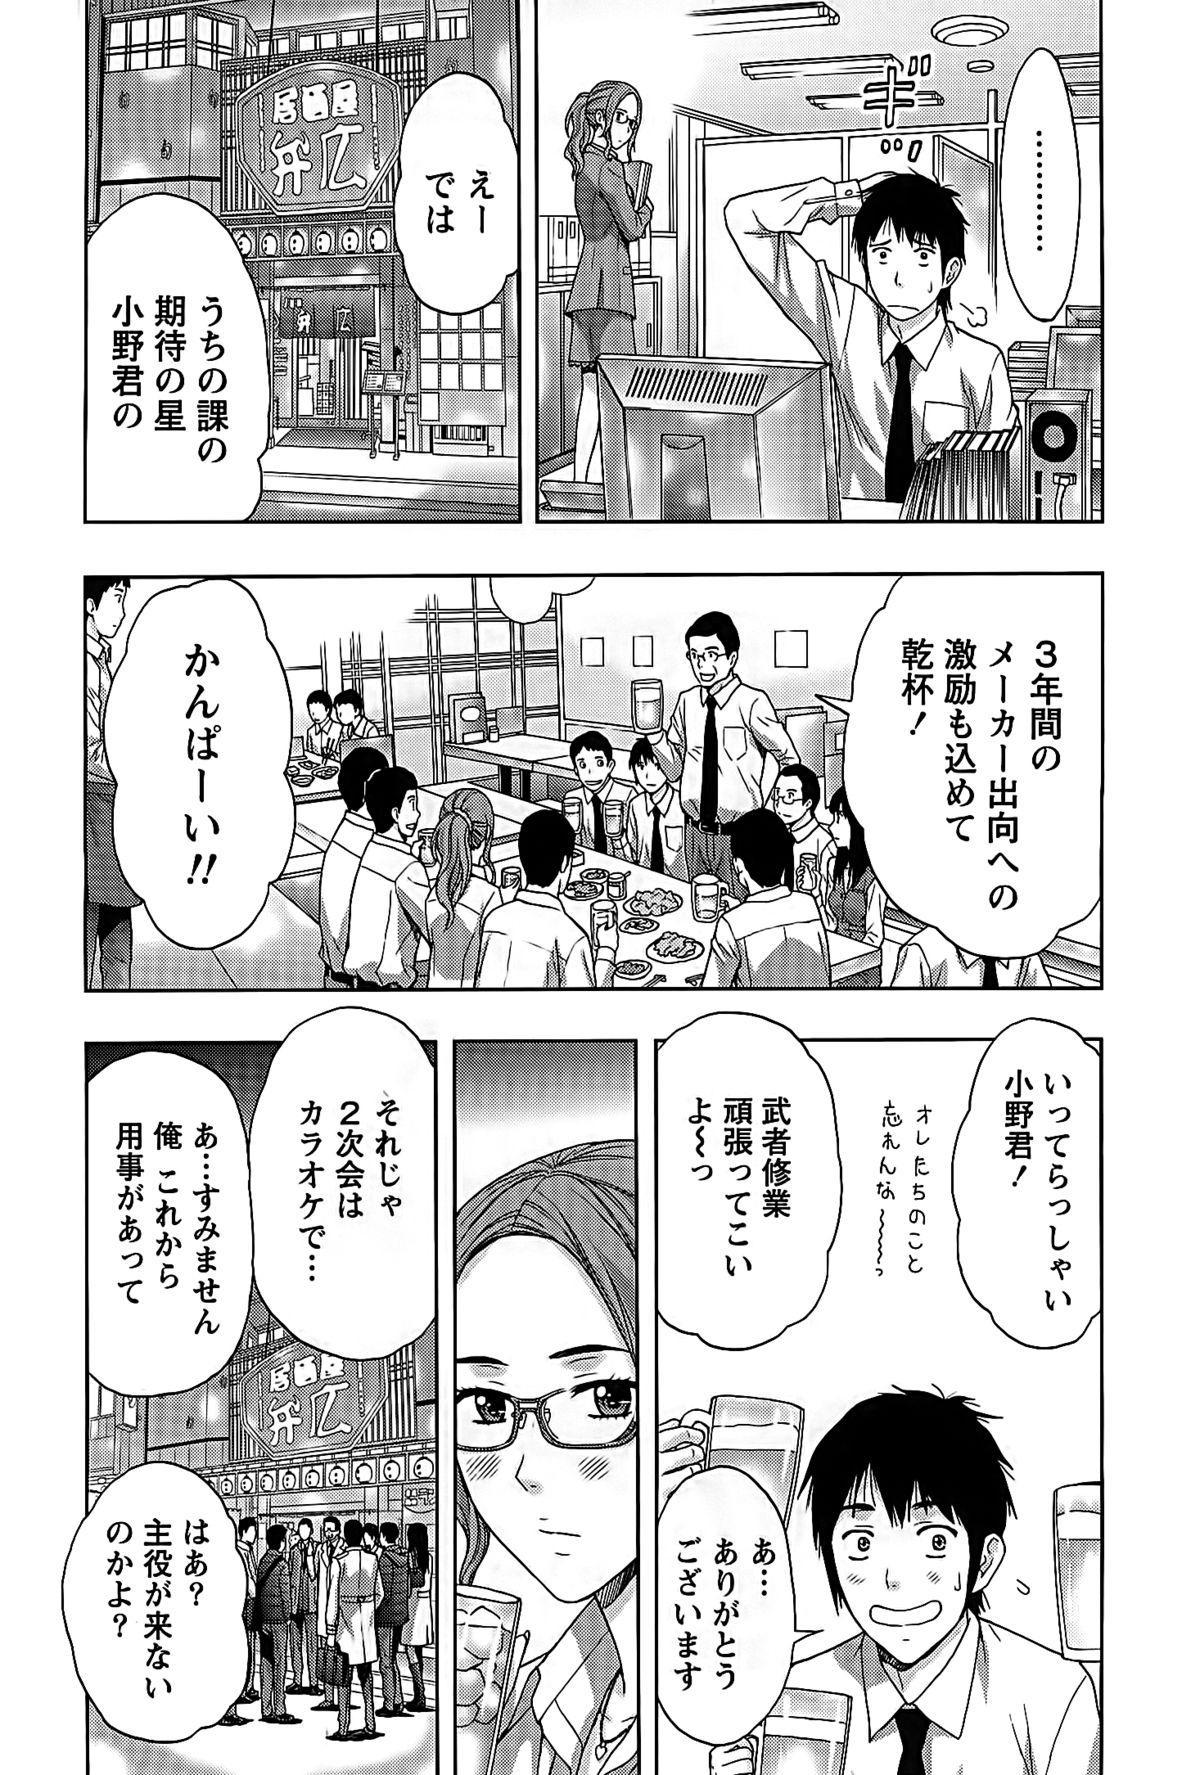 Shittori Lady to Amai Mitsu 29